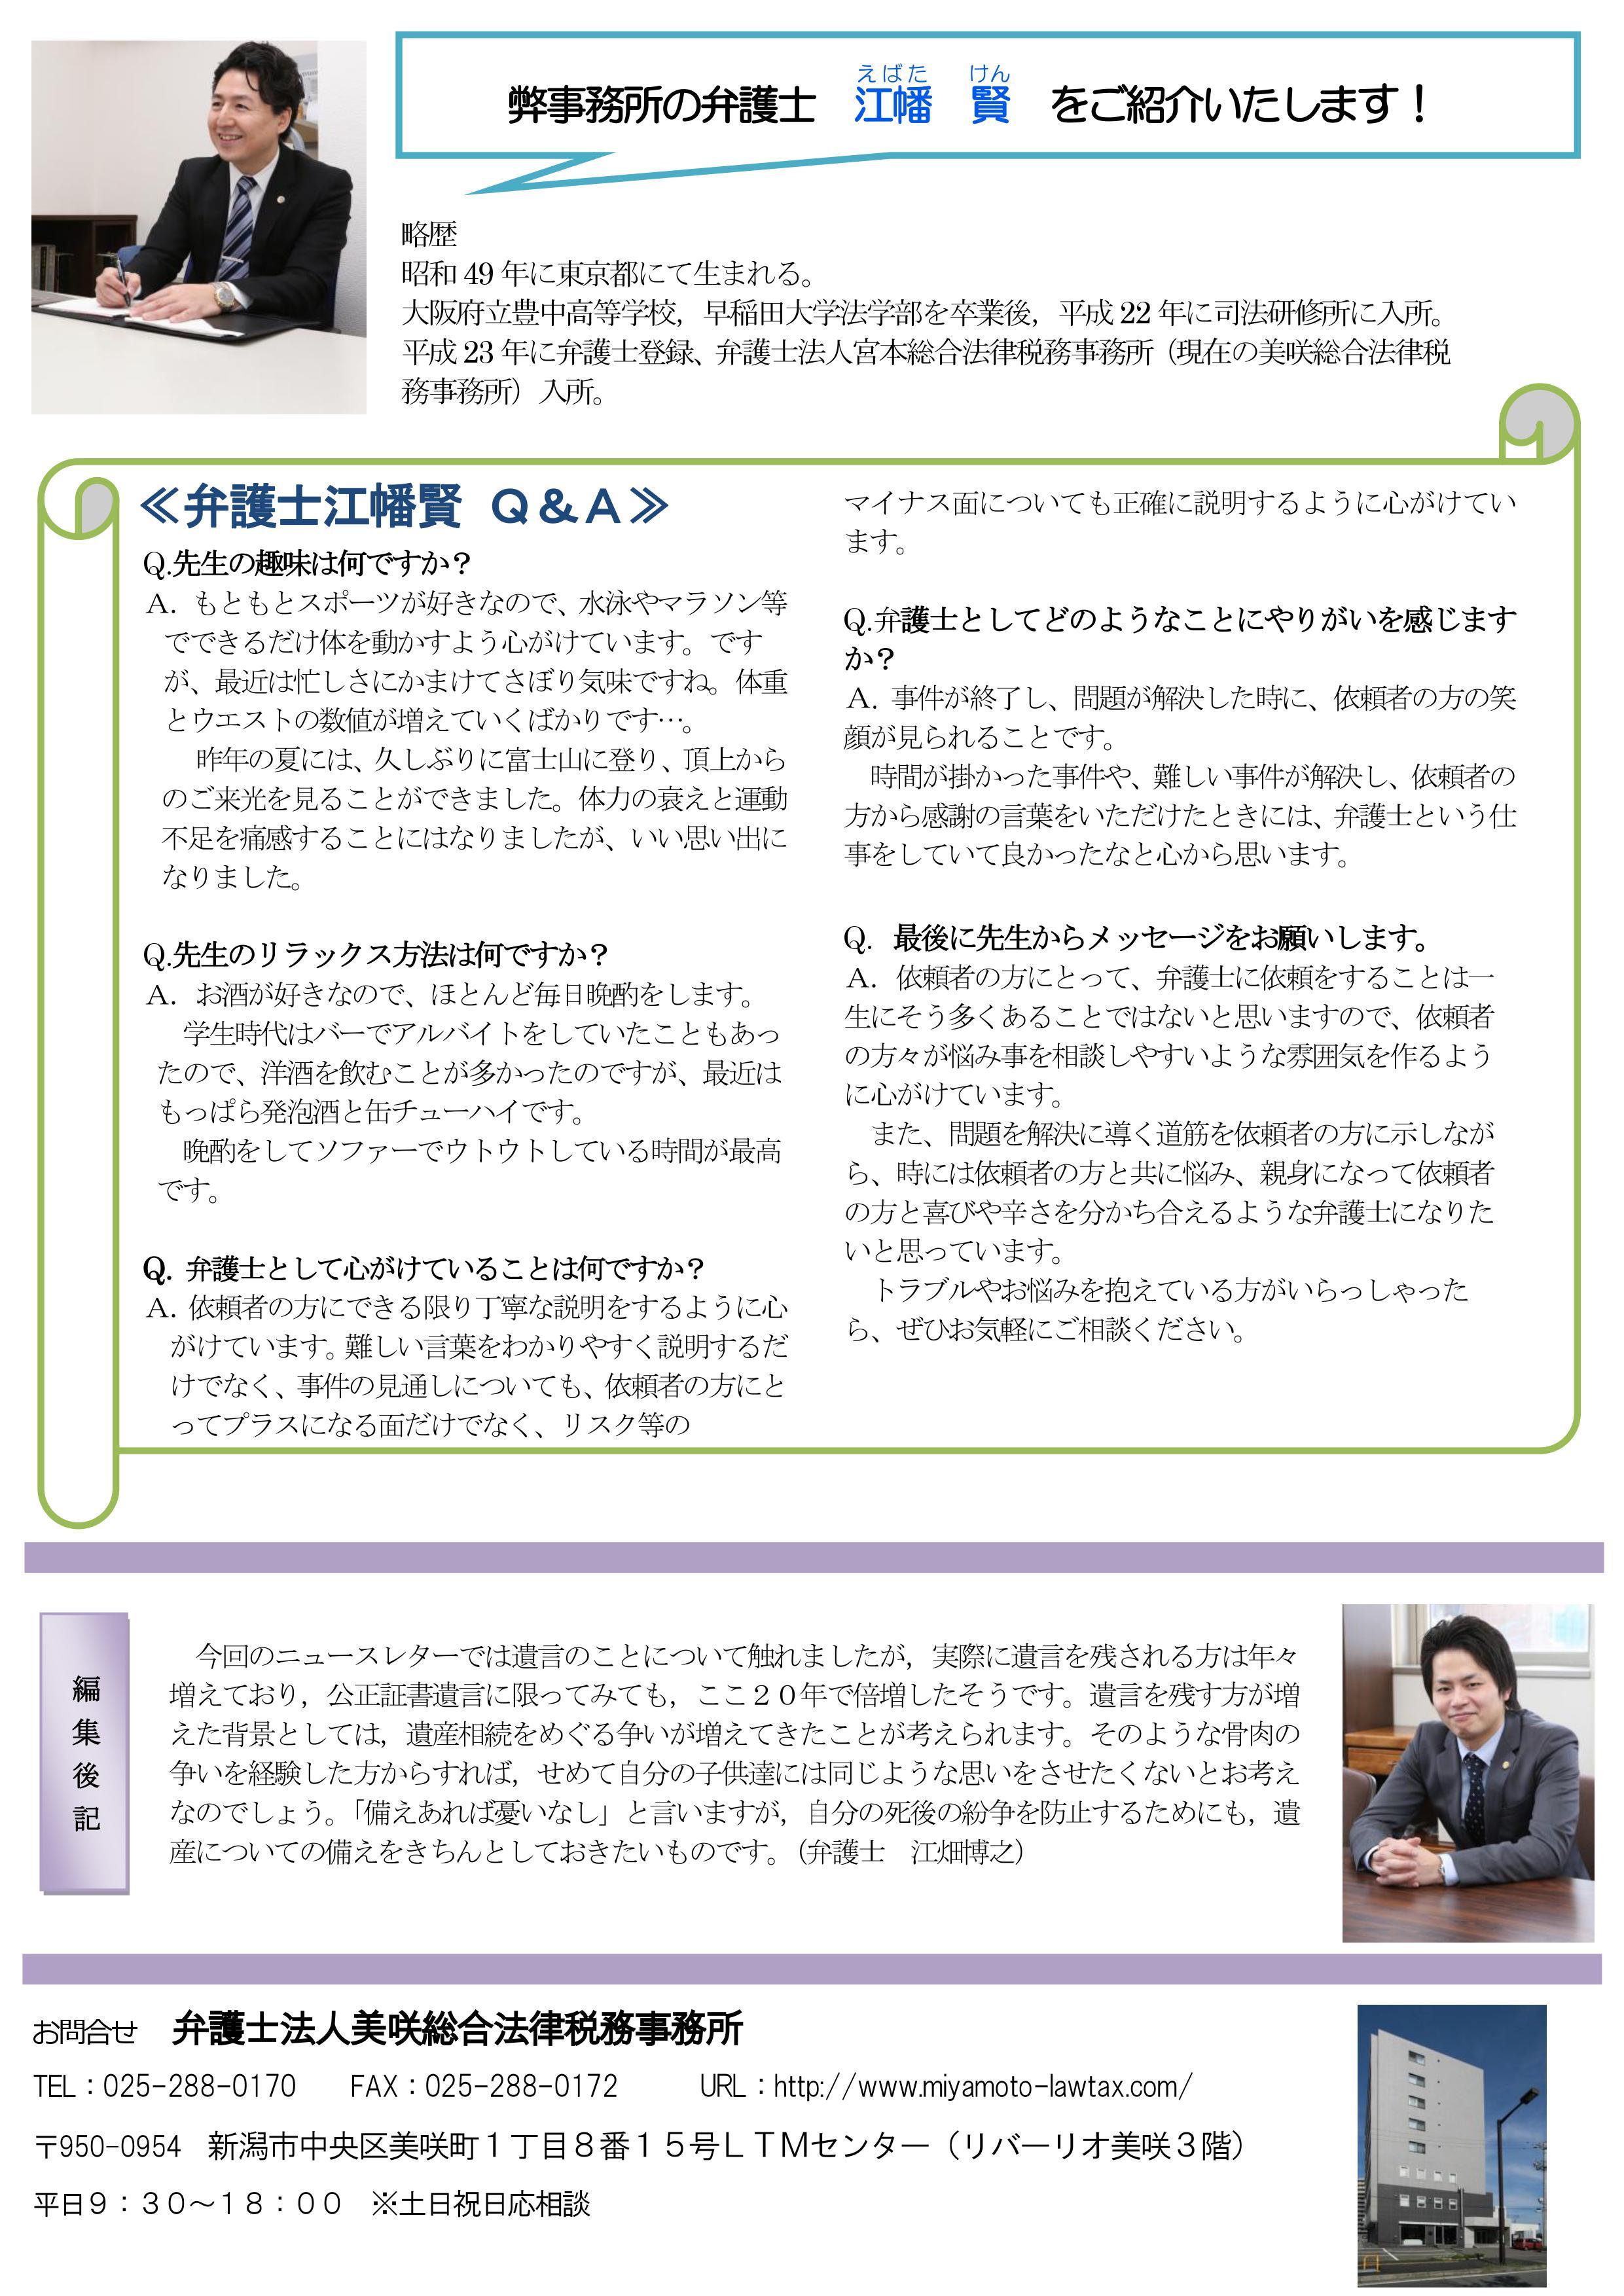 MisakiNewsletter 2016.4-2.png.jpg